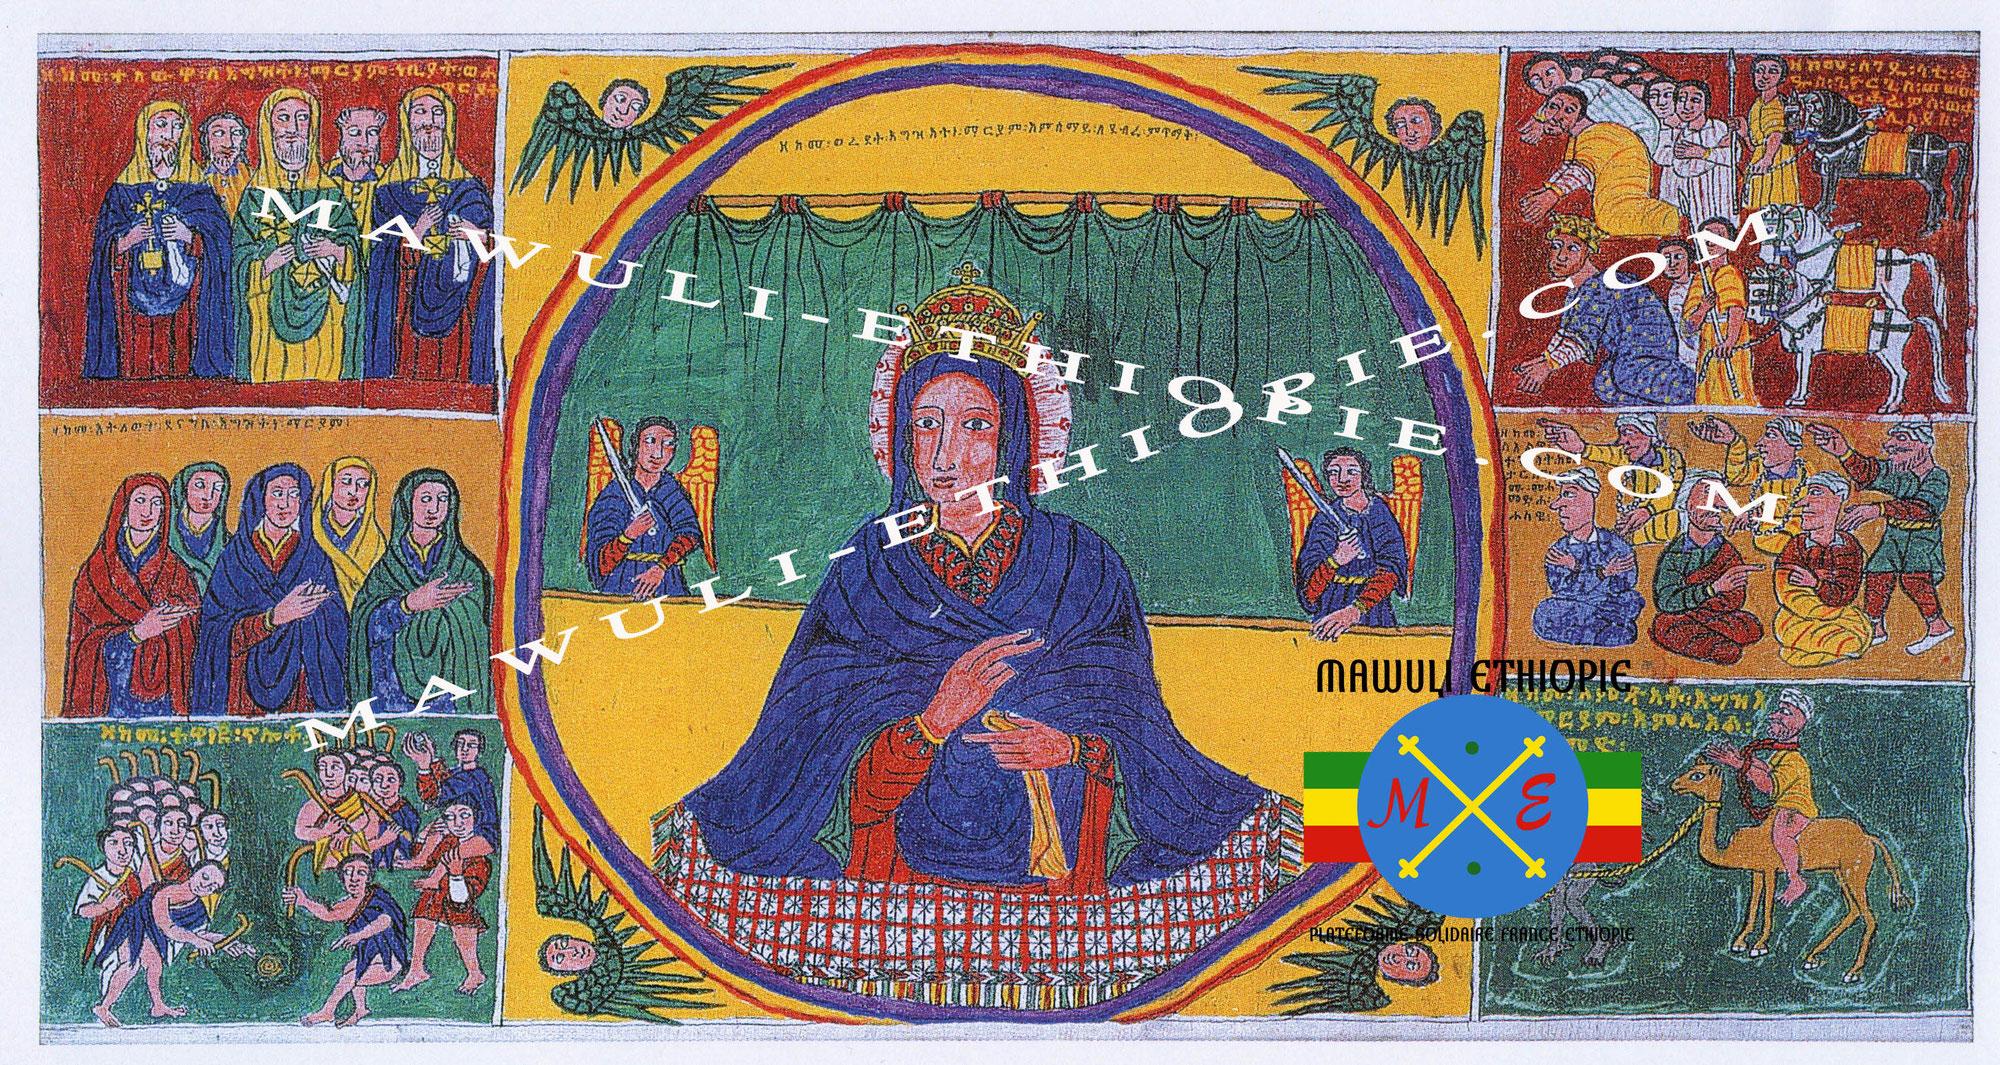 Jour 29 Calendrier de l'Avent Mawuli Ethiopie Artisanat